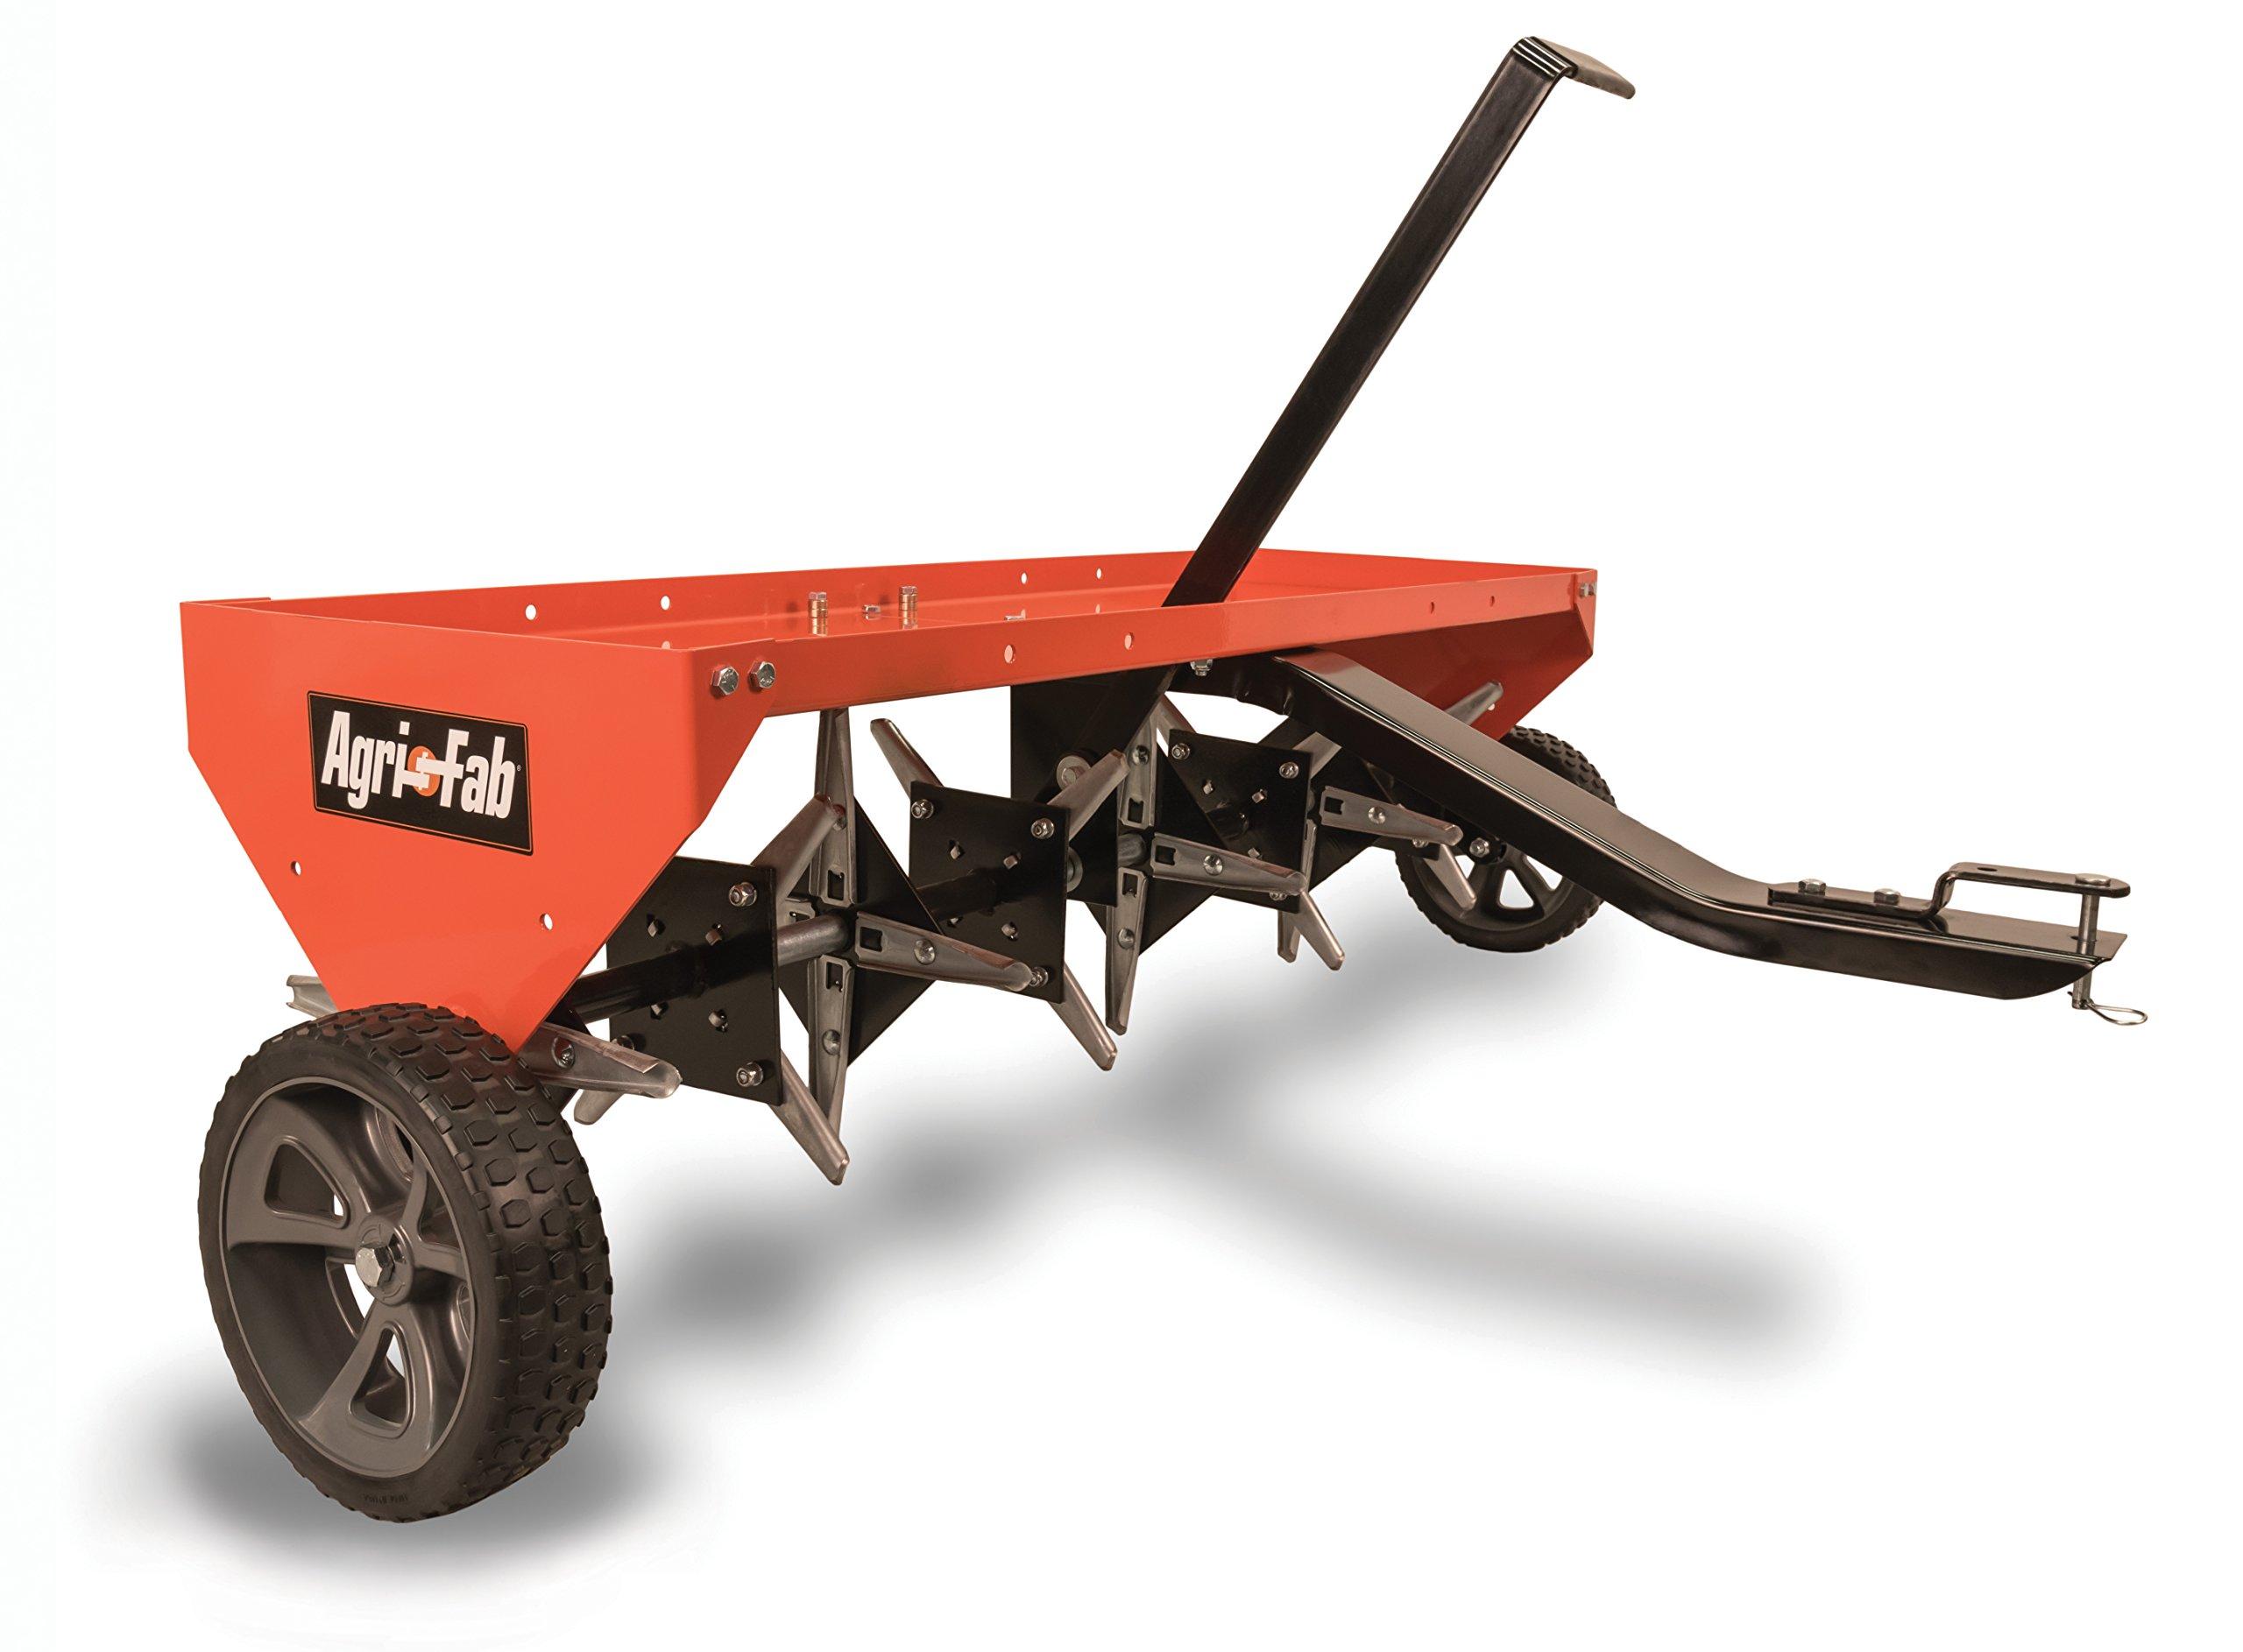 Agri-Fab 45-0299 48-Inch Tow Plug Aerator by Agri-Fab